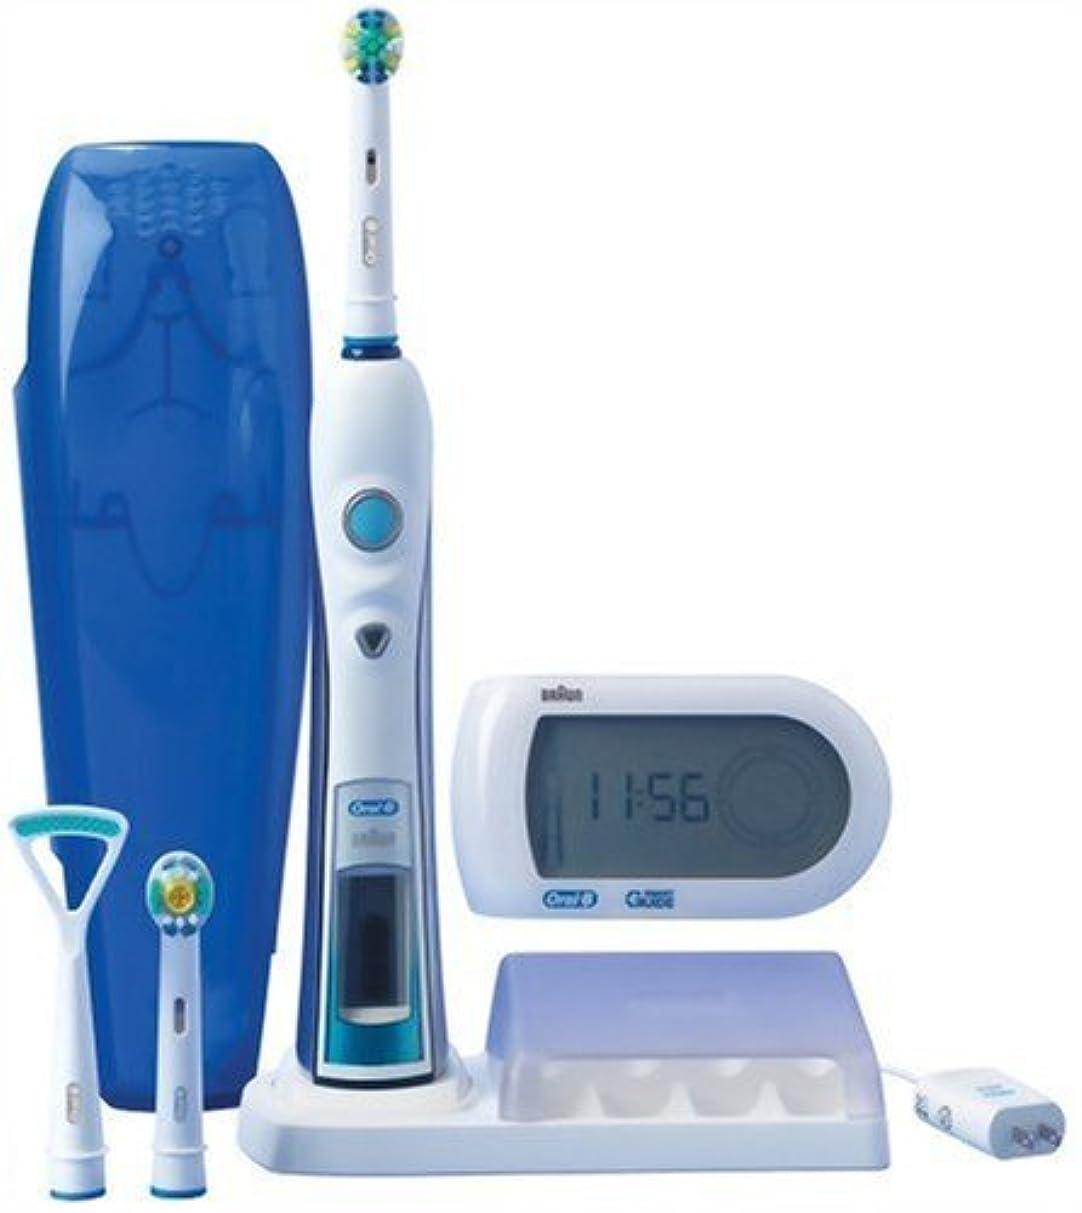 征服者オーガニック曖昧なブラウン オーラルB 電動歯ブラシ 多機能ハイグレードモデル 歯磨きナビ付 D325365X